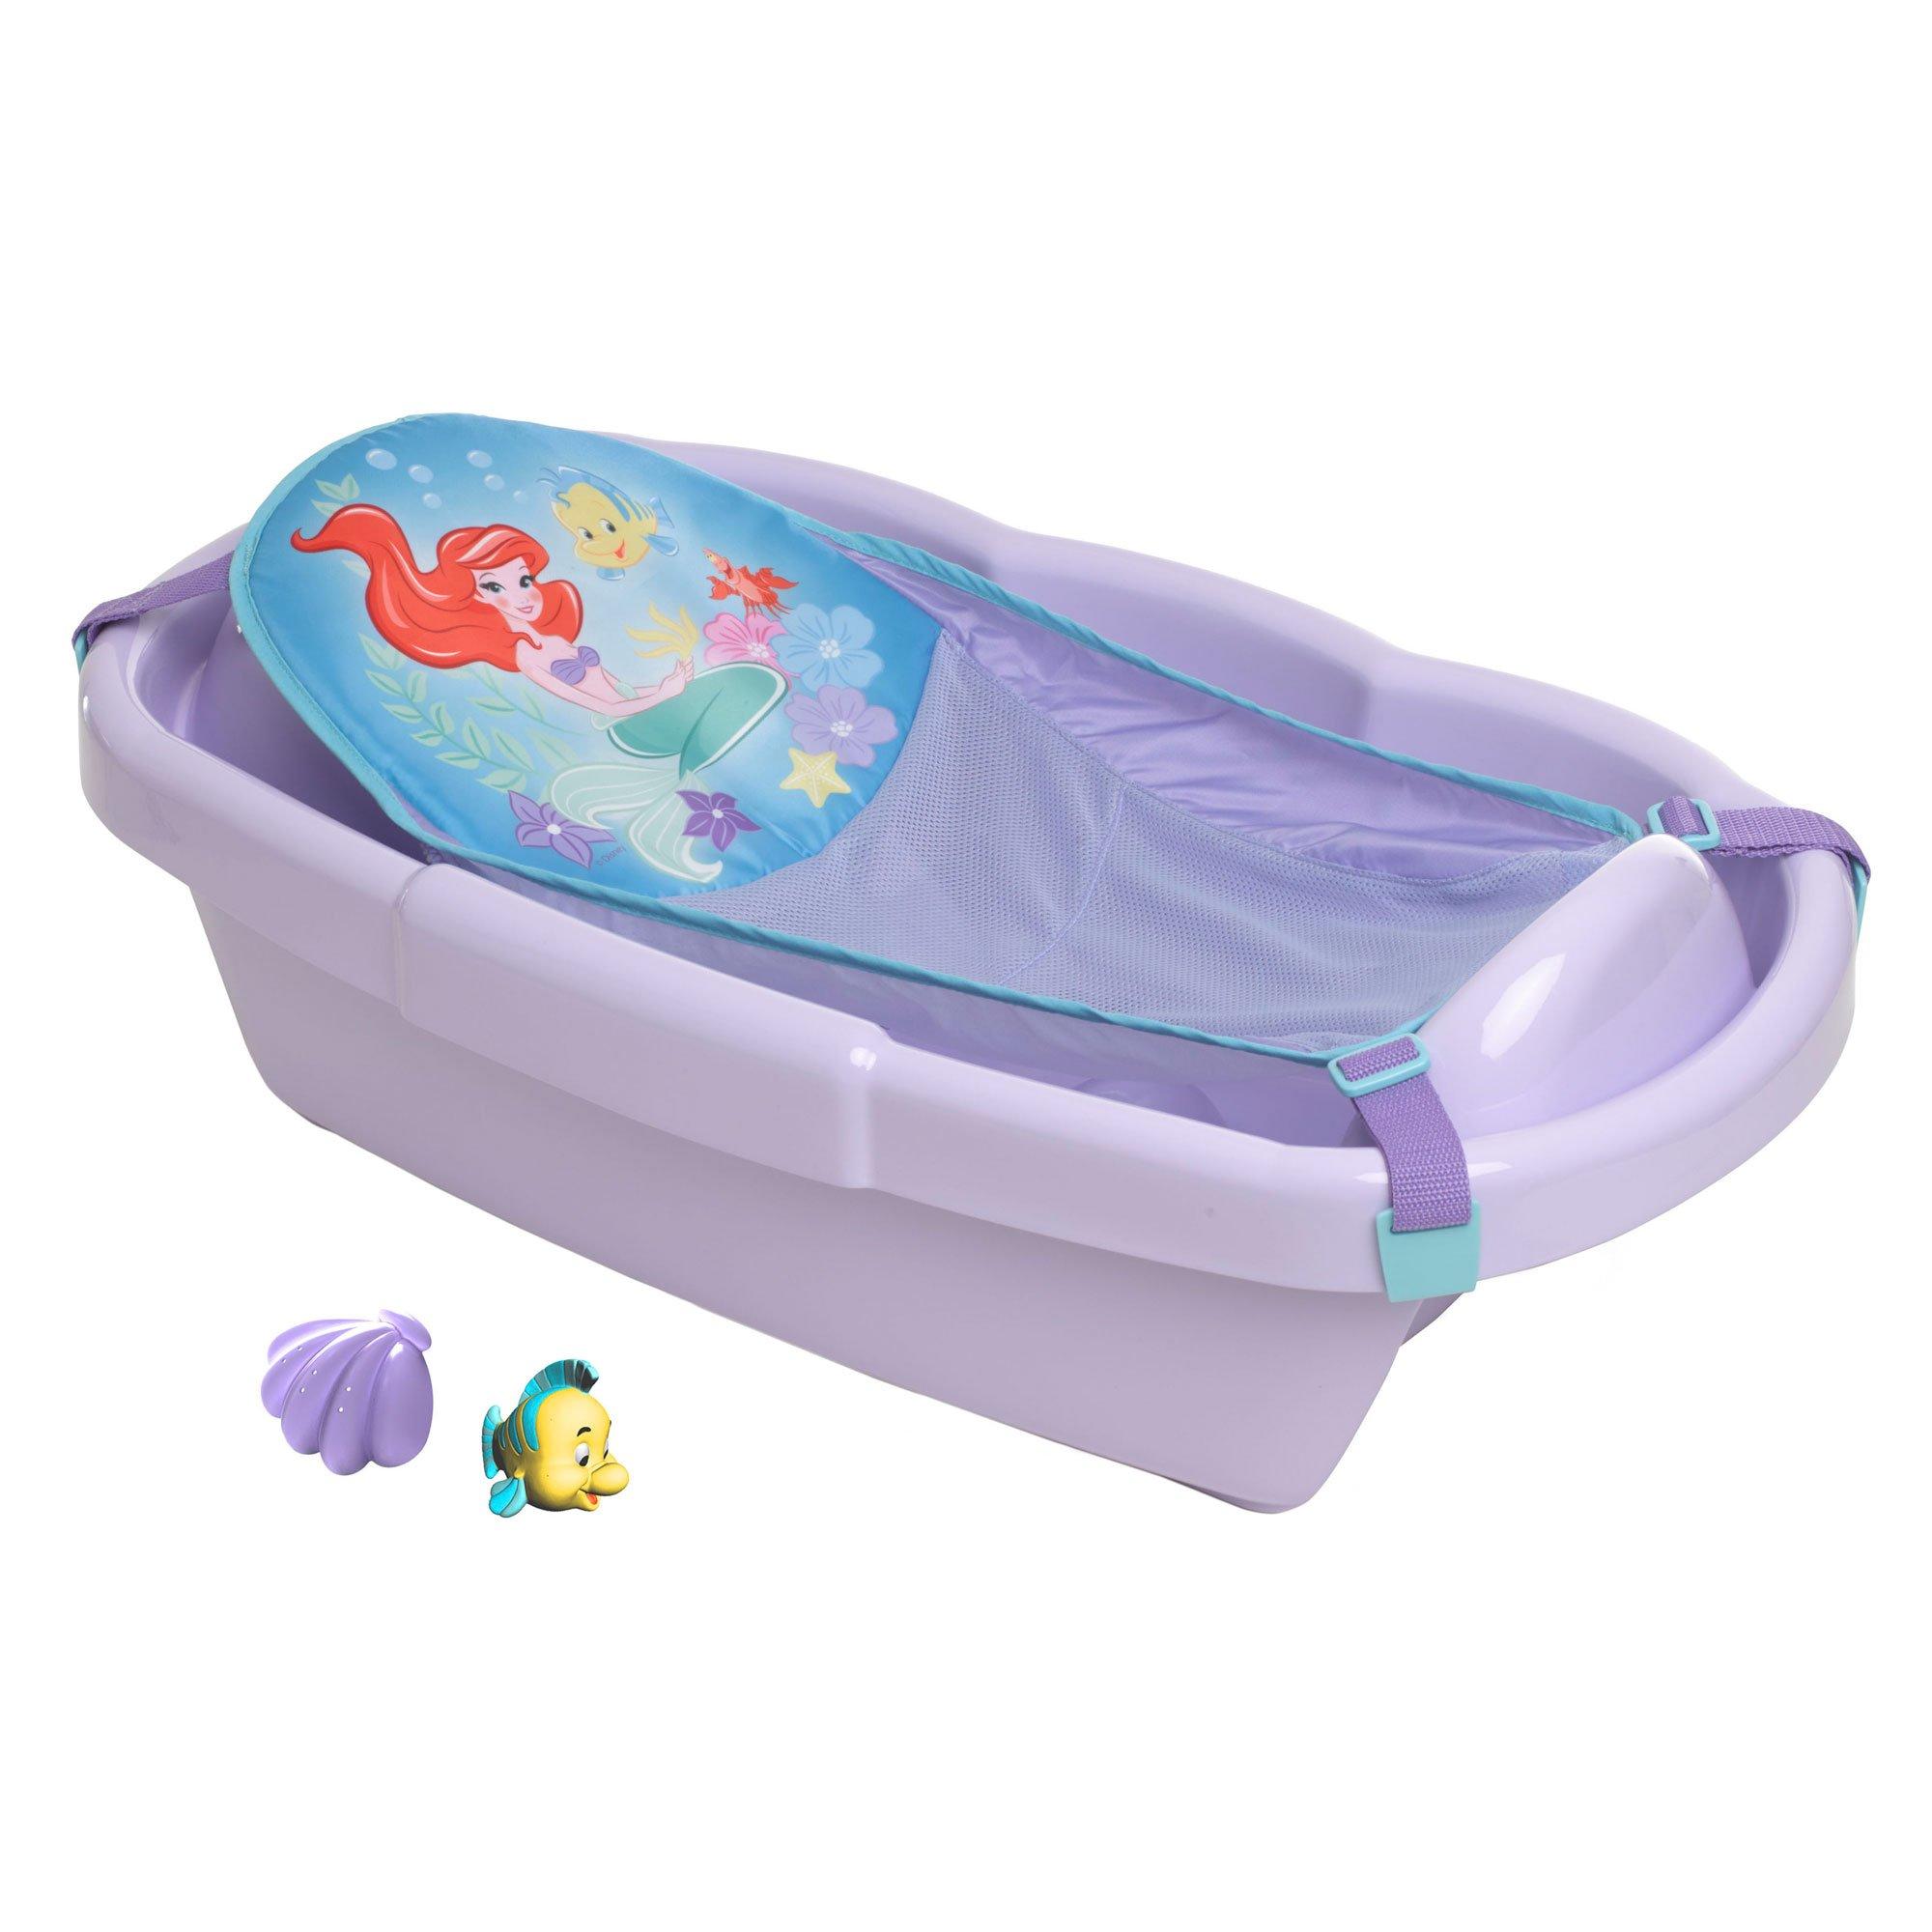 Cheap Newborn Baby Tub, find Newborn Baby Tub deals on line at ...